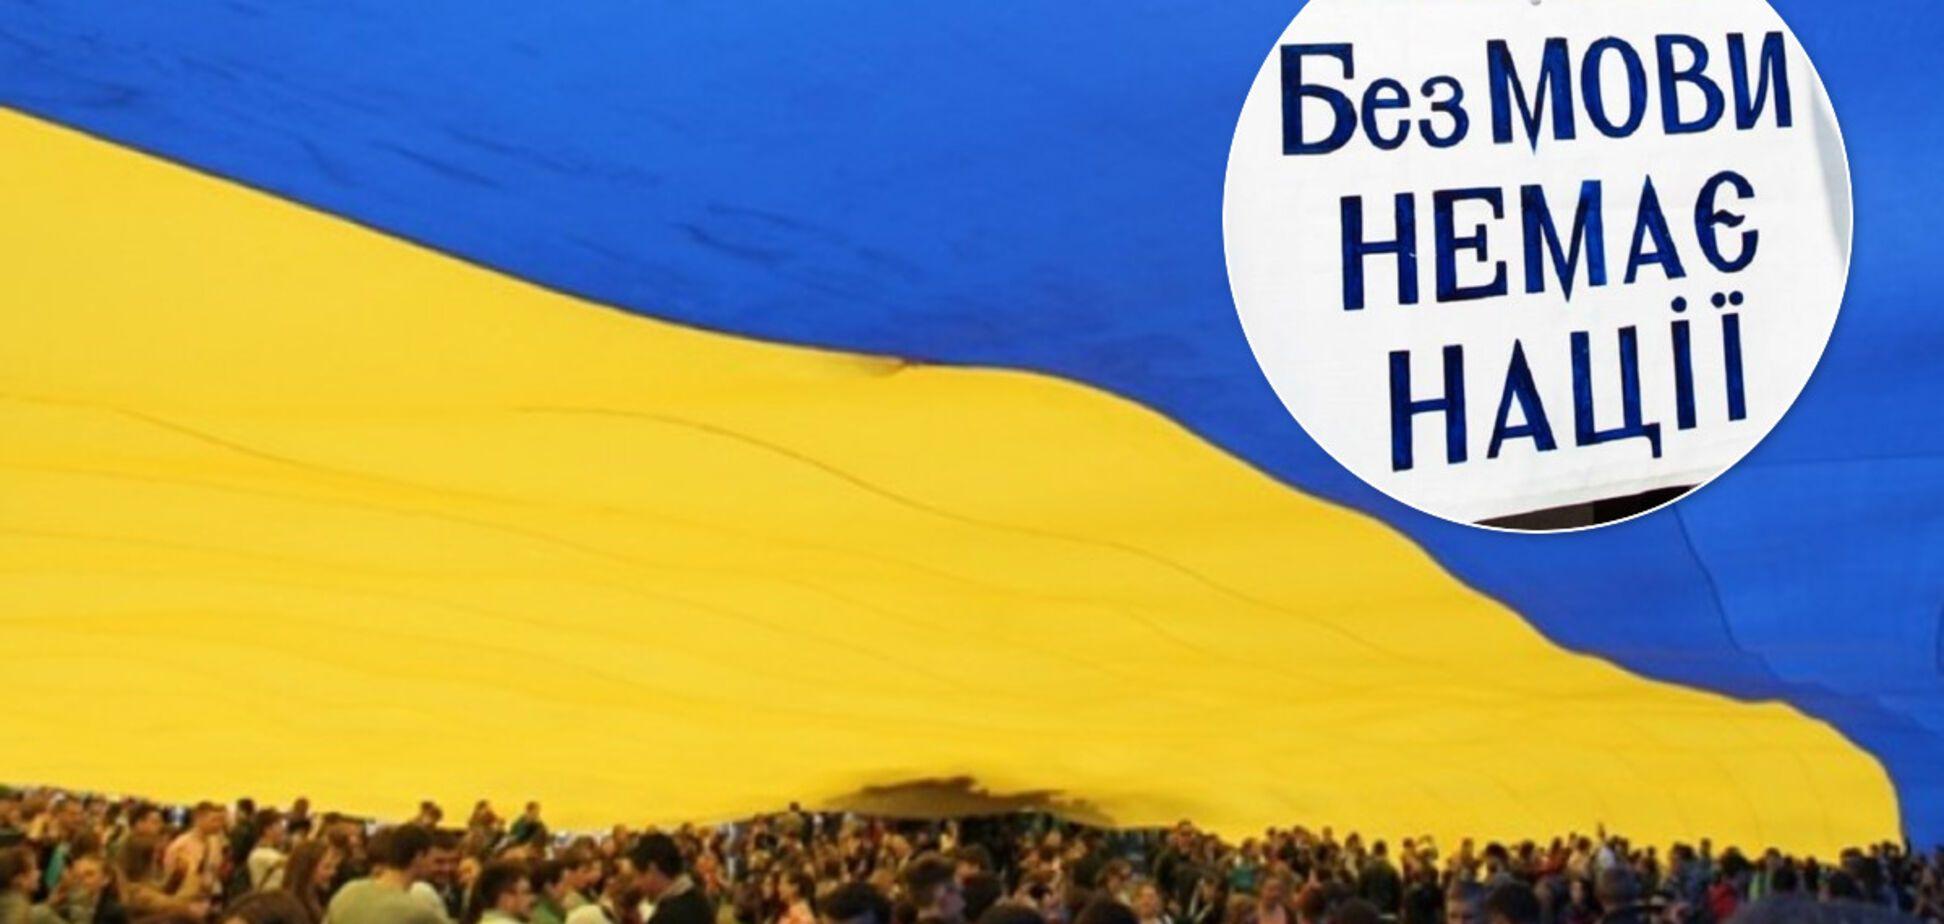 Бьют за мову: в Украине участились нападения на людей с проукраинской позицией